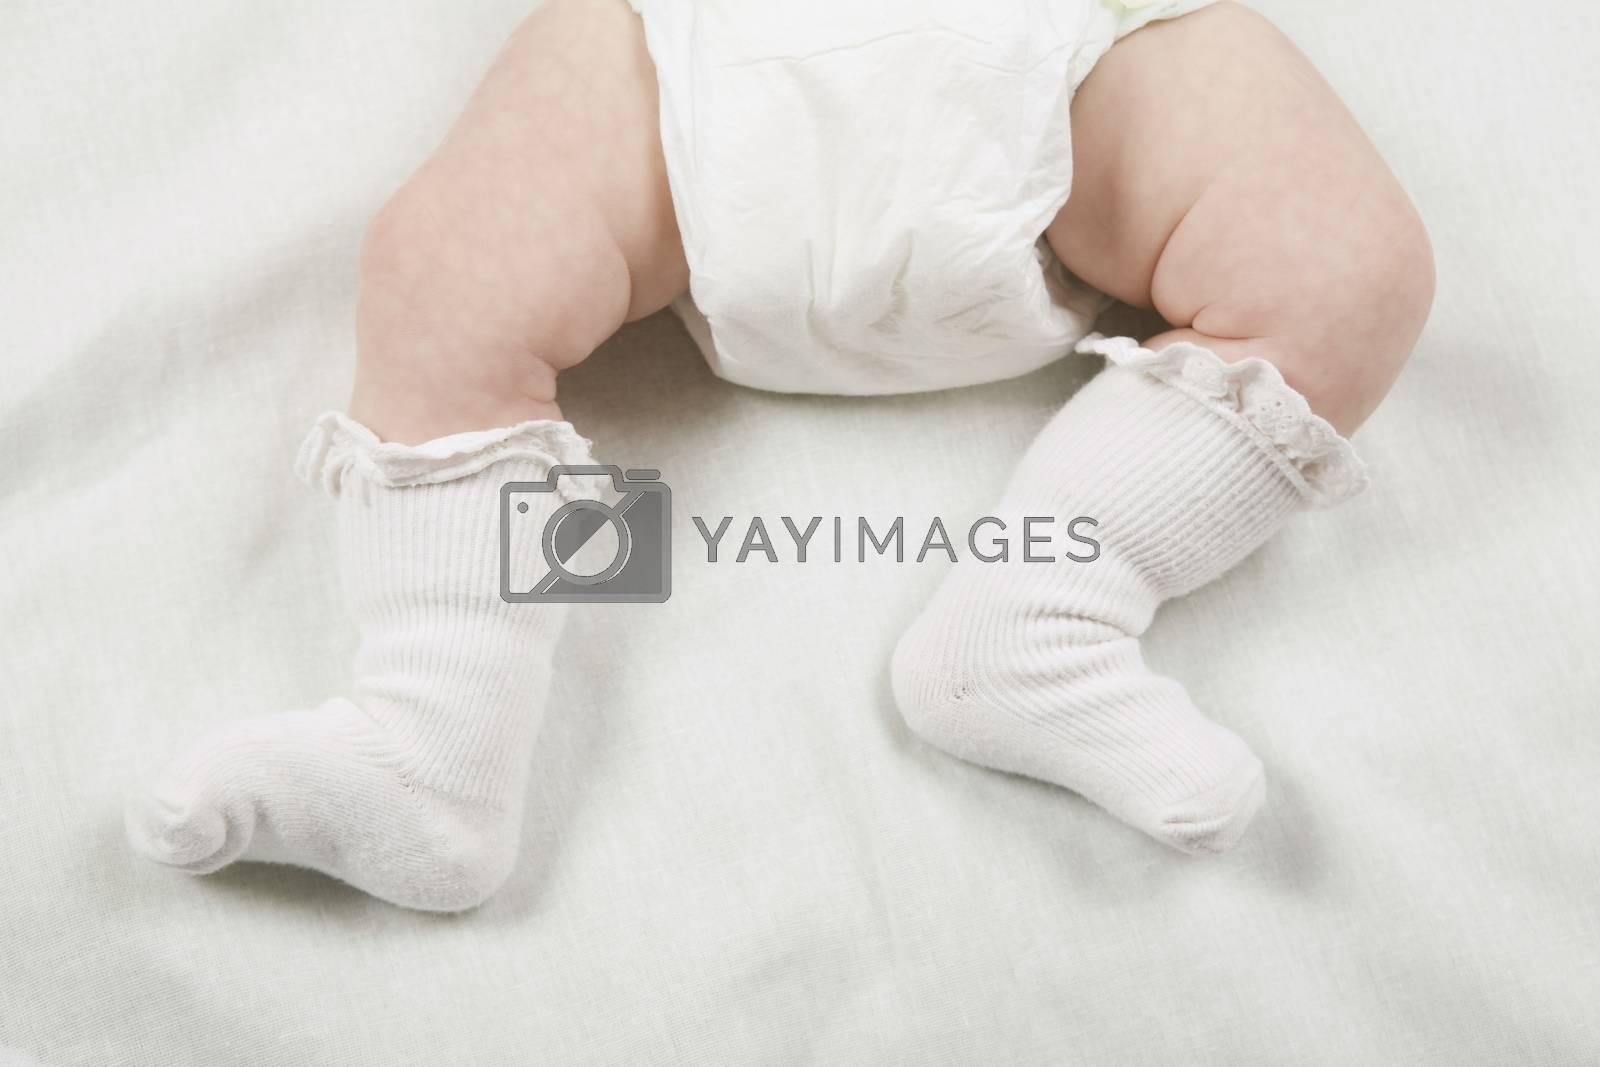 Socks on babies feet close-up